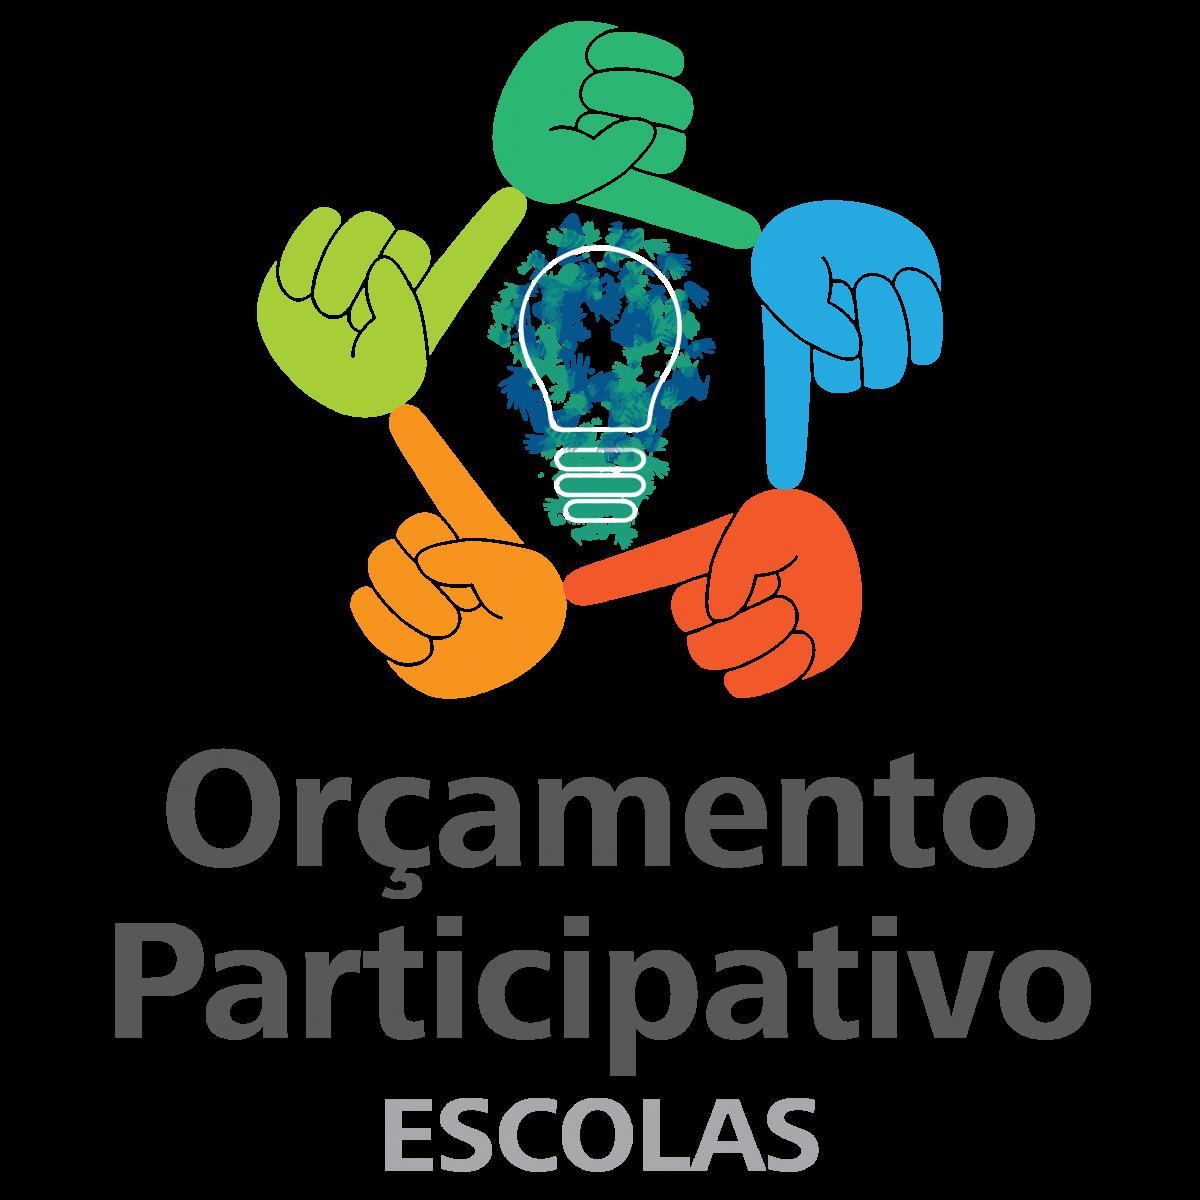 """Orçamento Participativo """"Escolas 2017"""""""